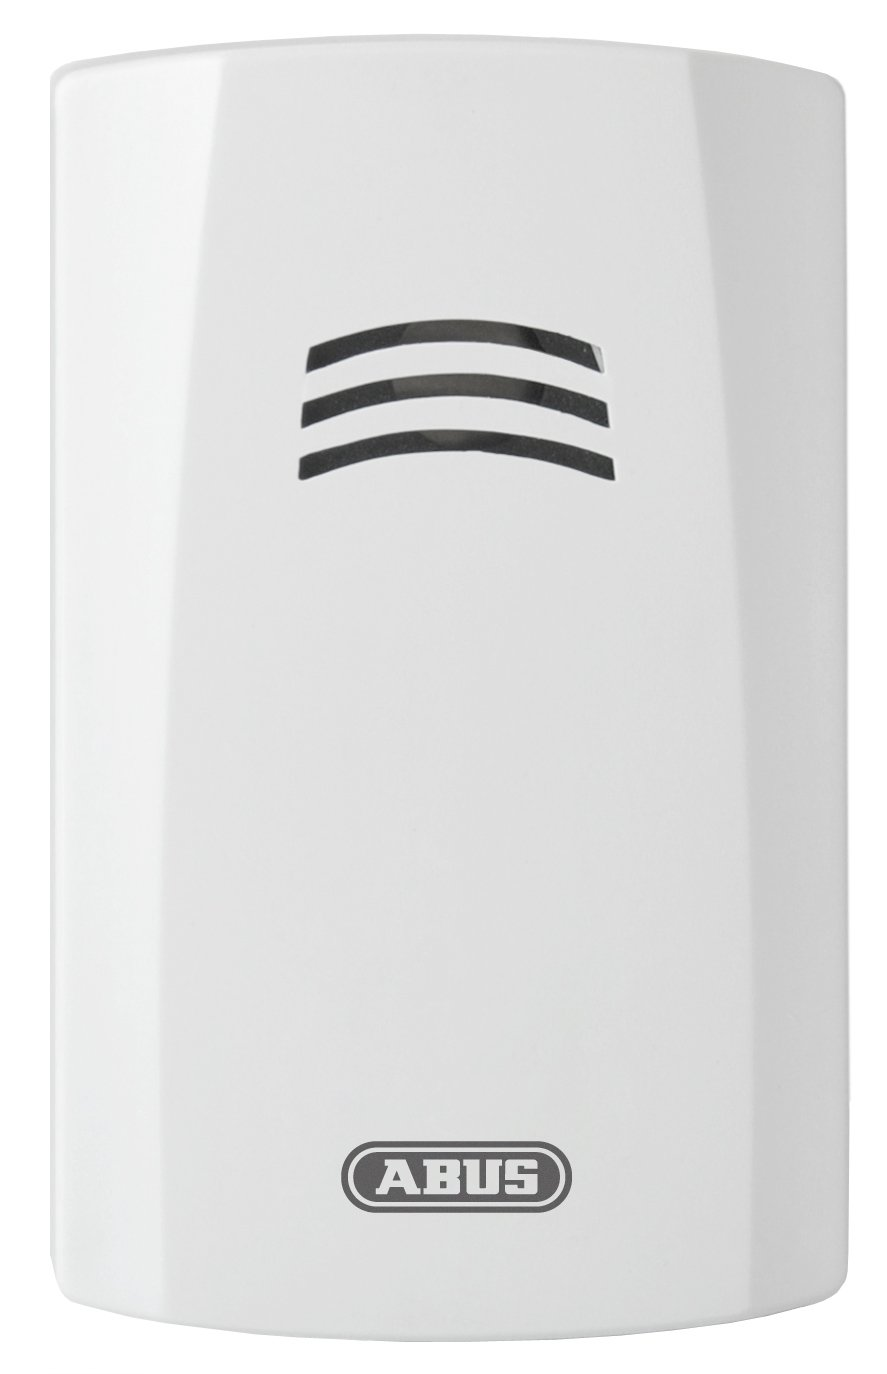 ABUS Dé tecteur d'eau 550829